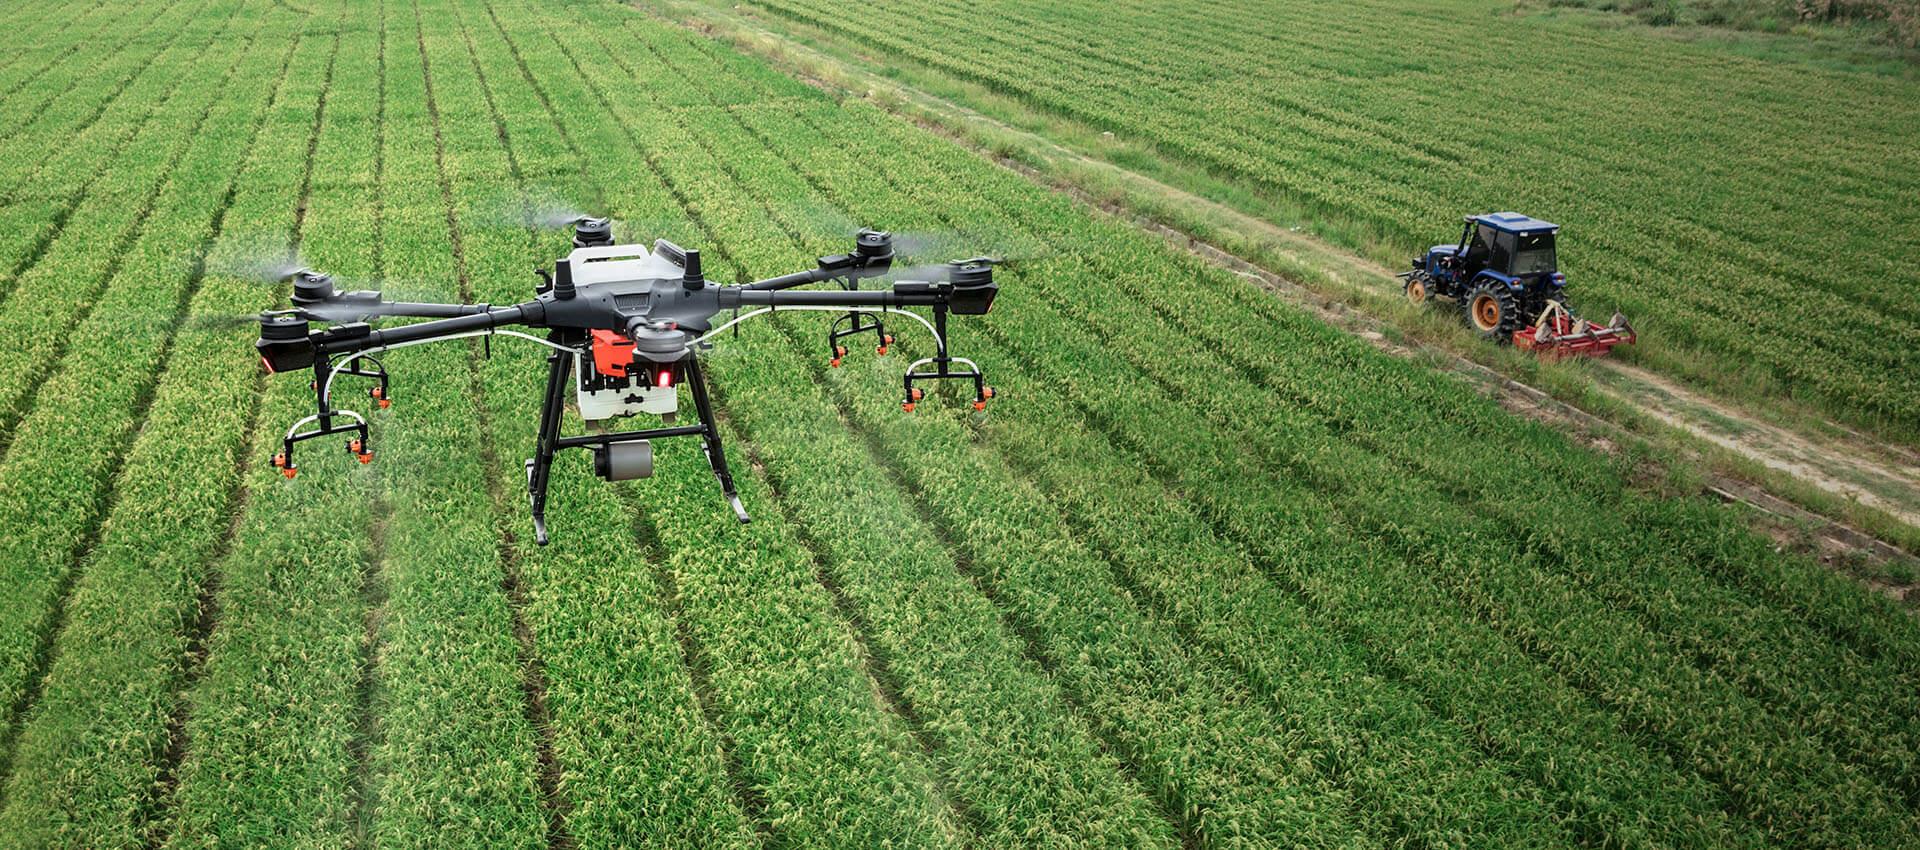 Будущее рядом: дроны помогают кубанским аграриям увеличивать урожай